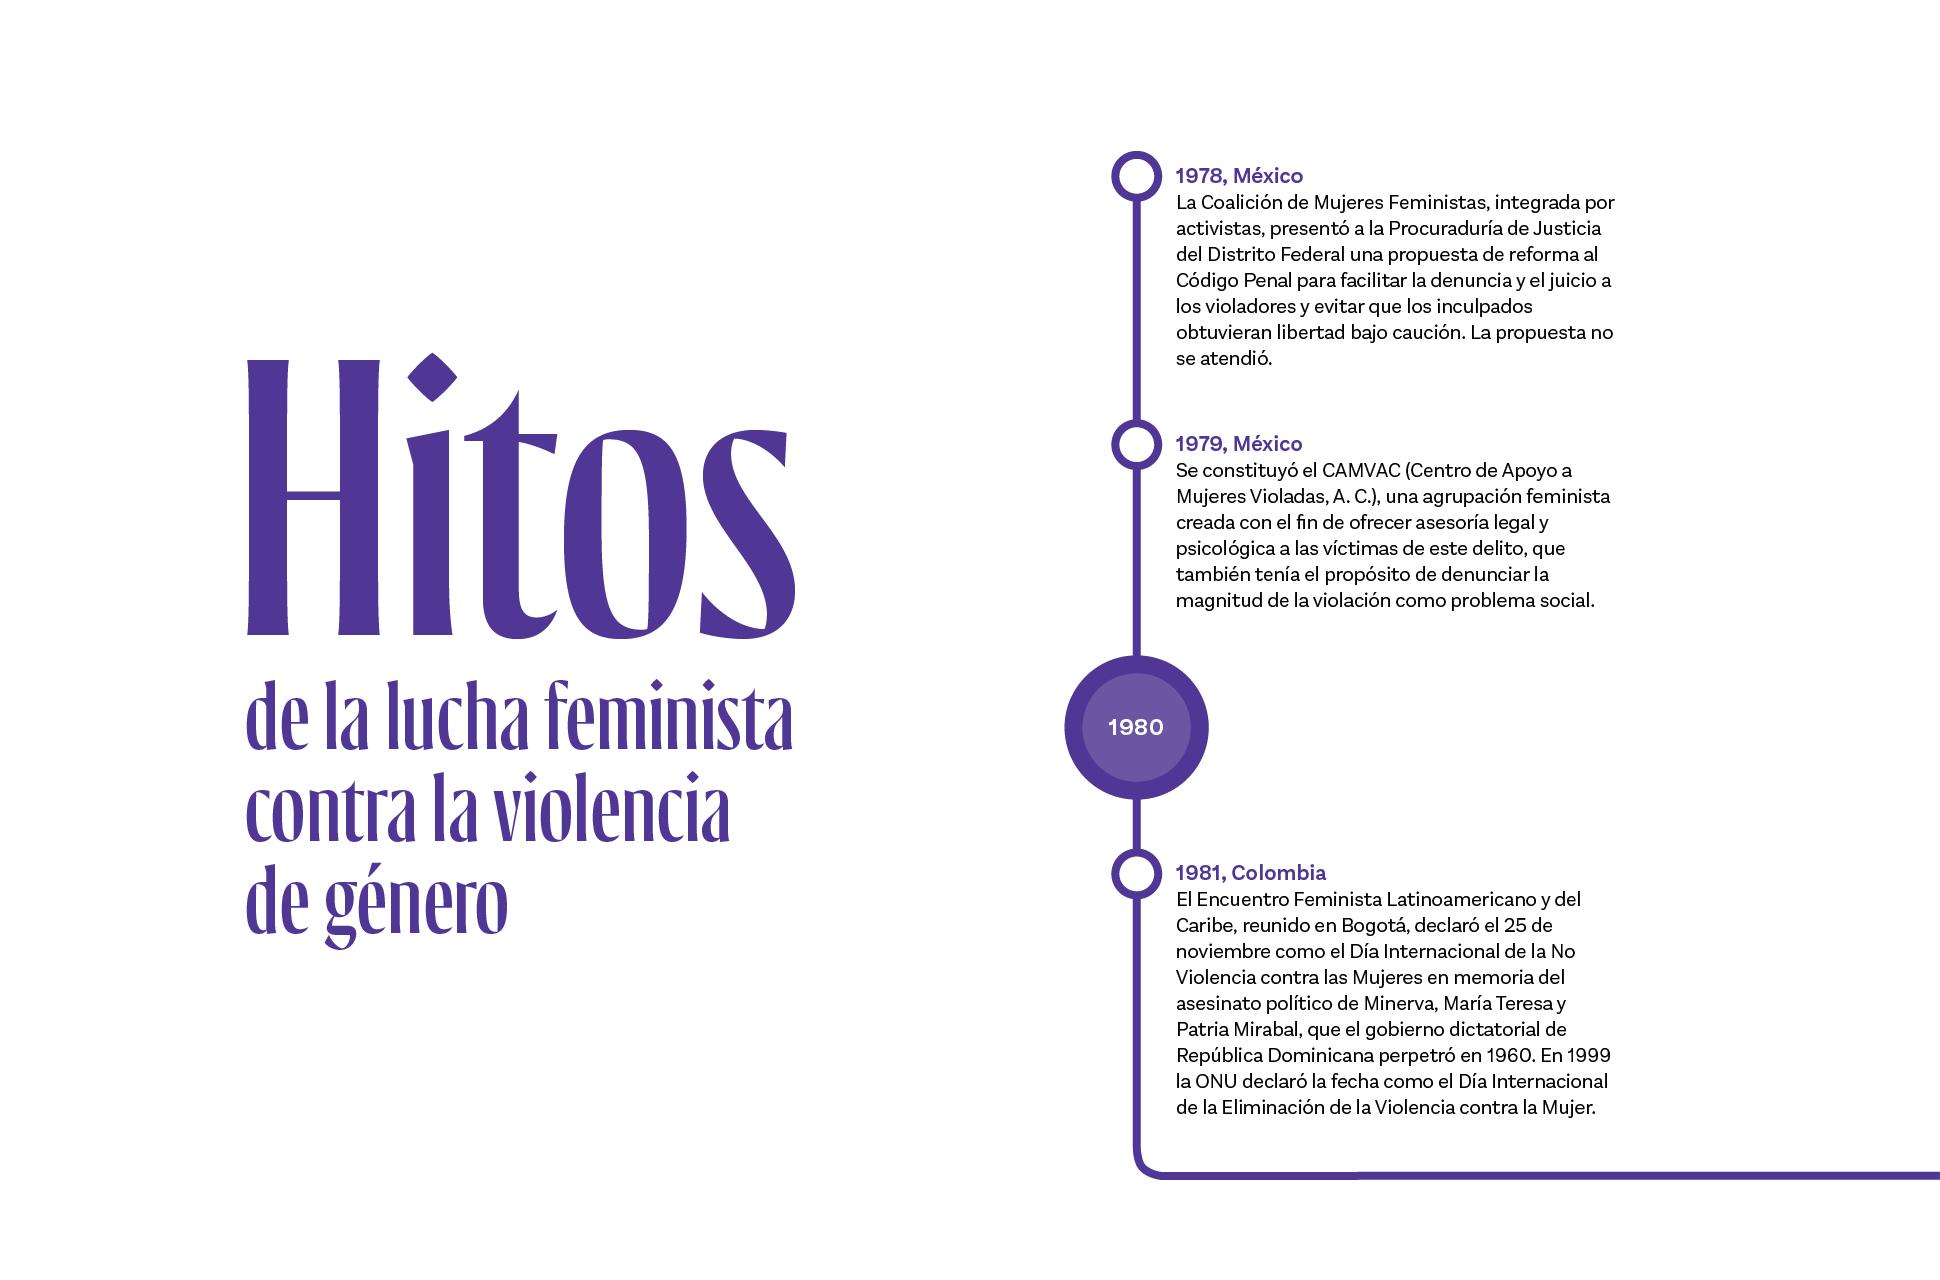 Estos son los hitos de la lucha feminista contra la violencia de género en América Latina.